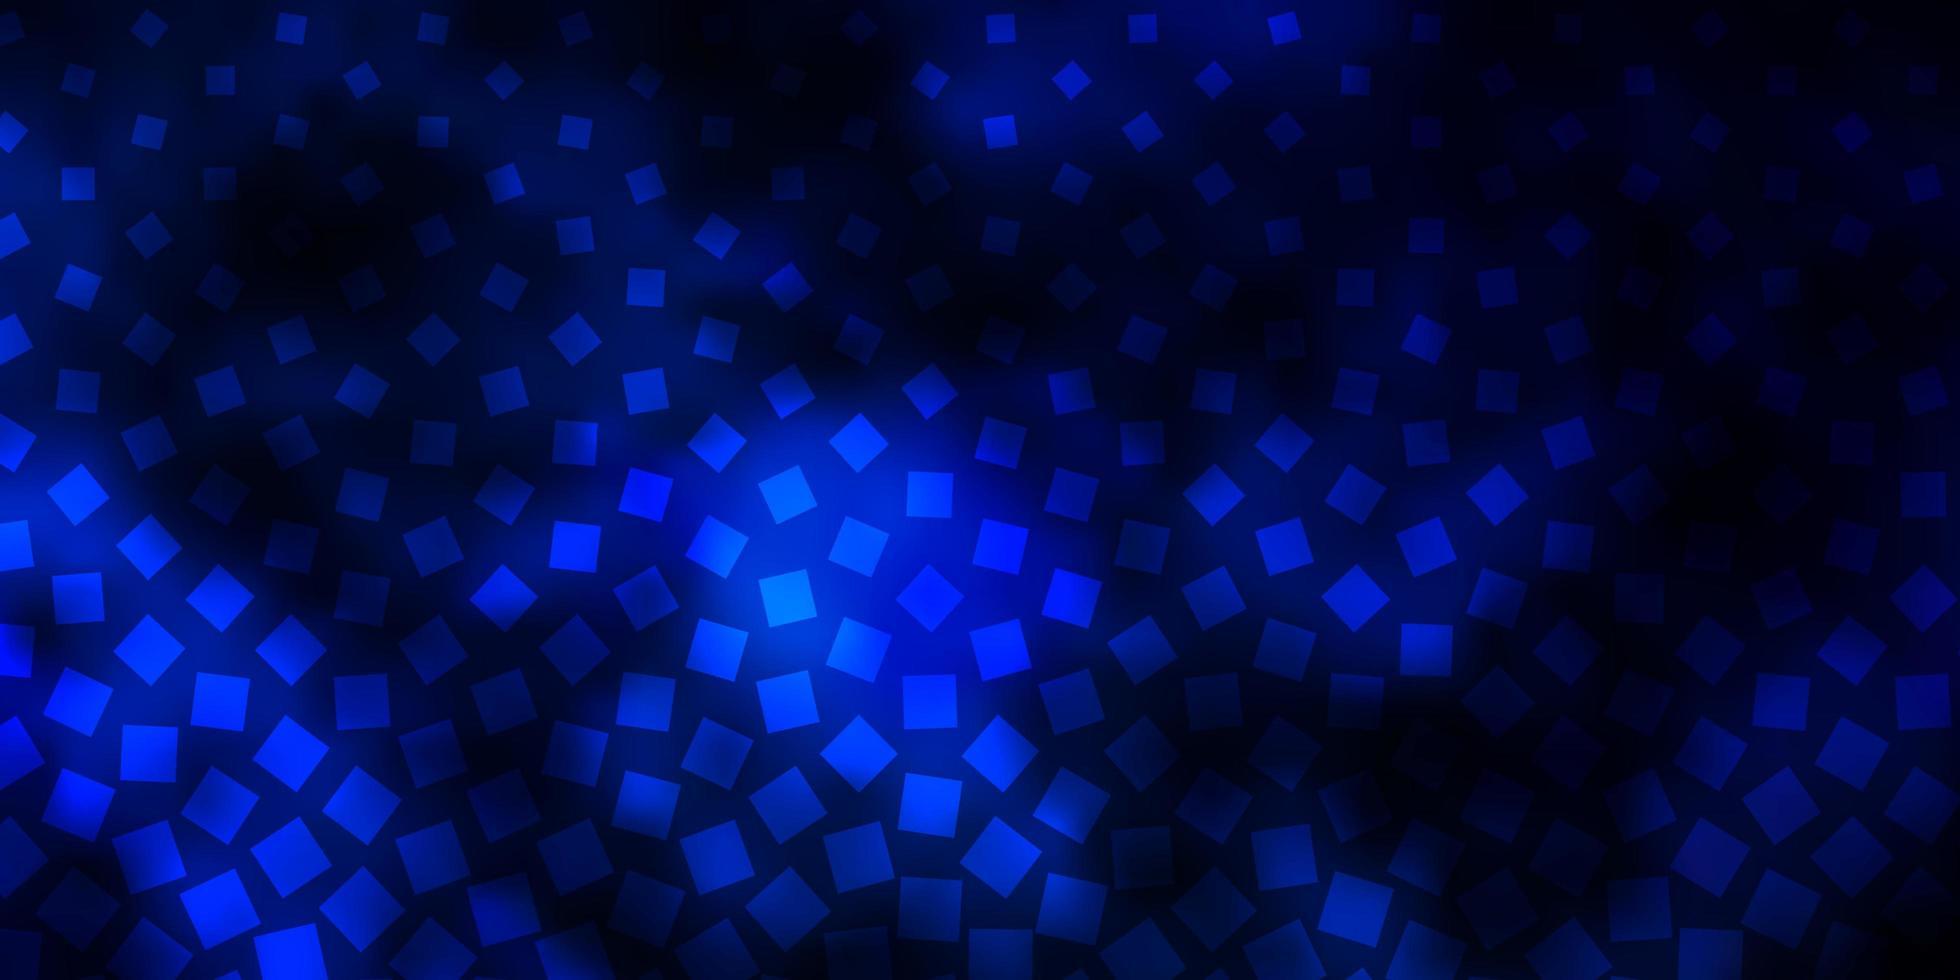 dunkelblauer Vektorhintergrund mit Rechtecken. vektor